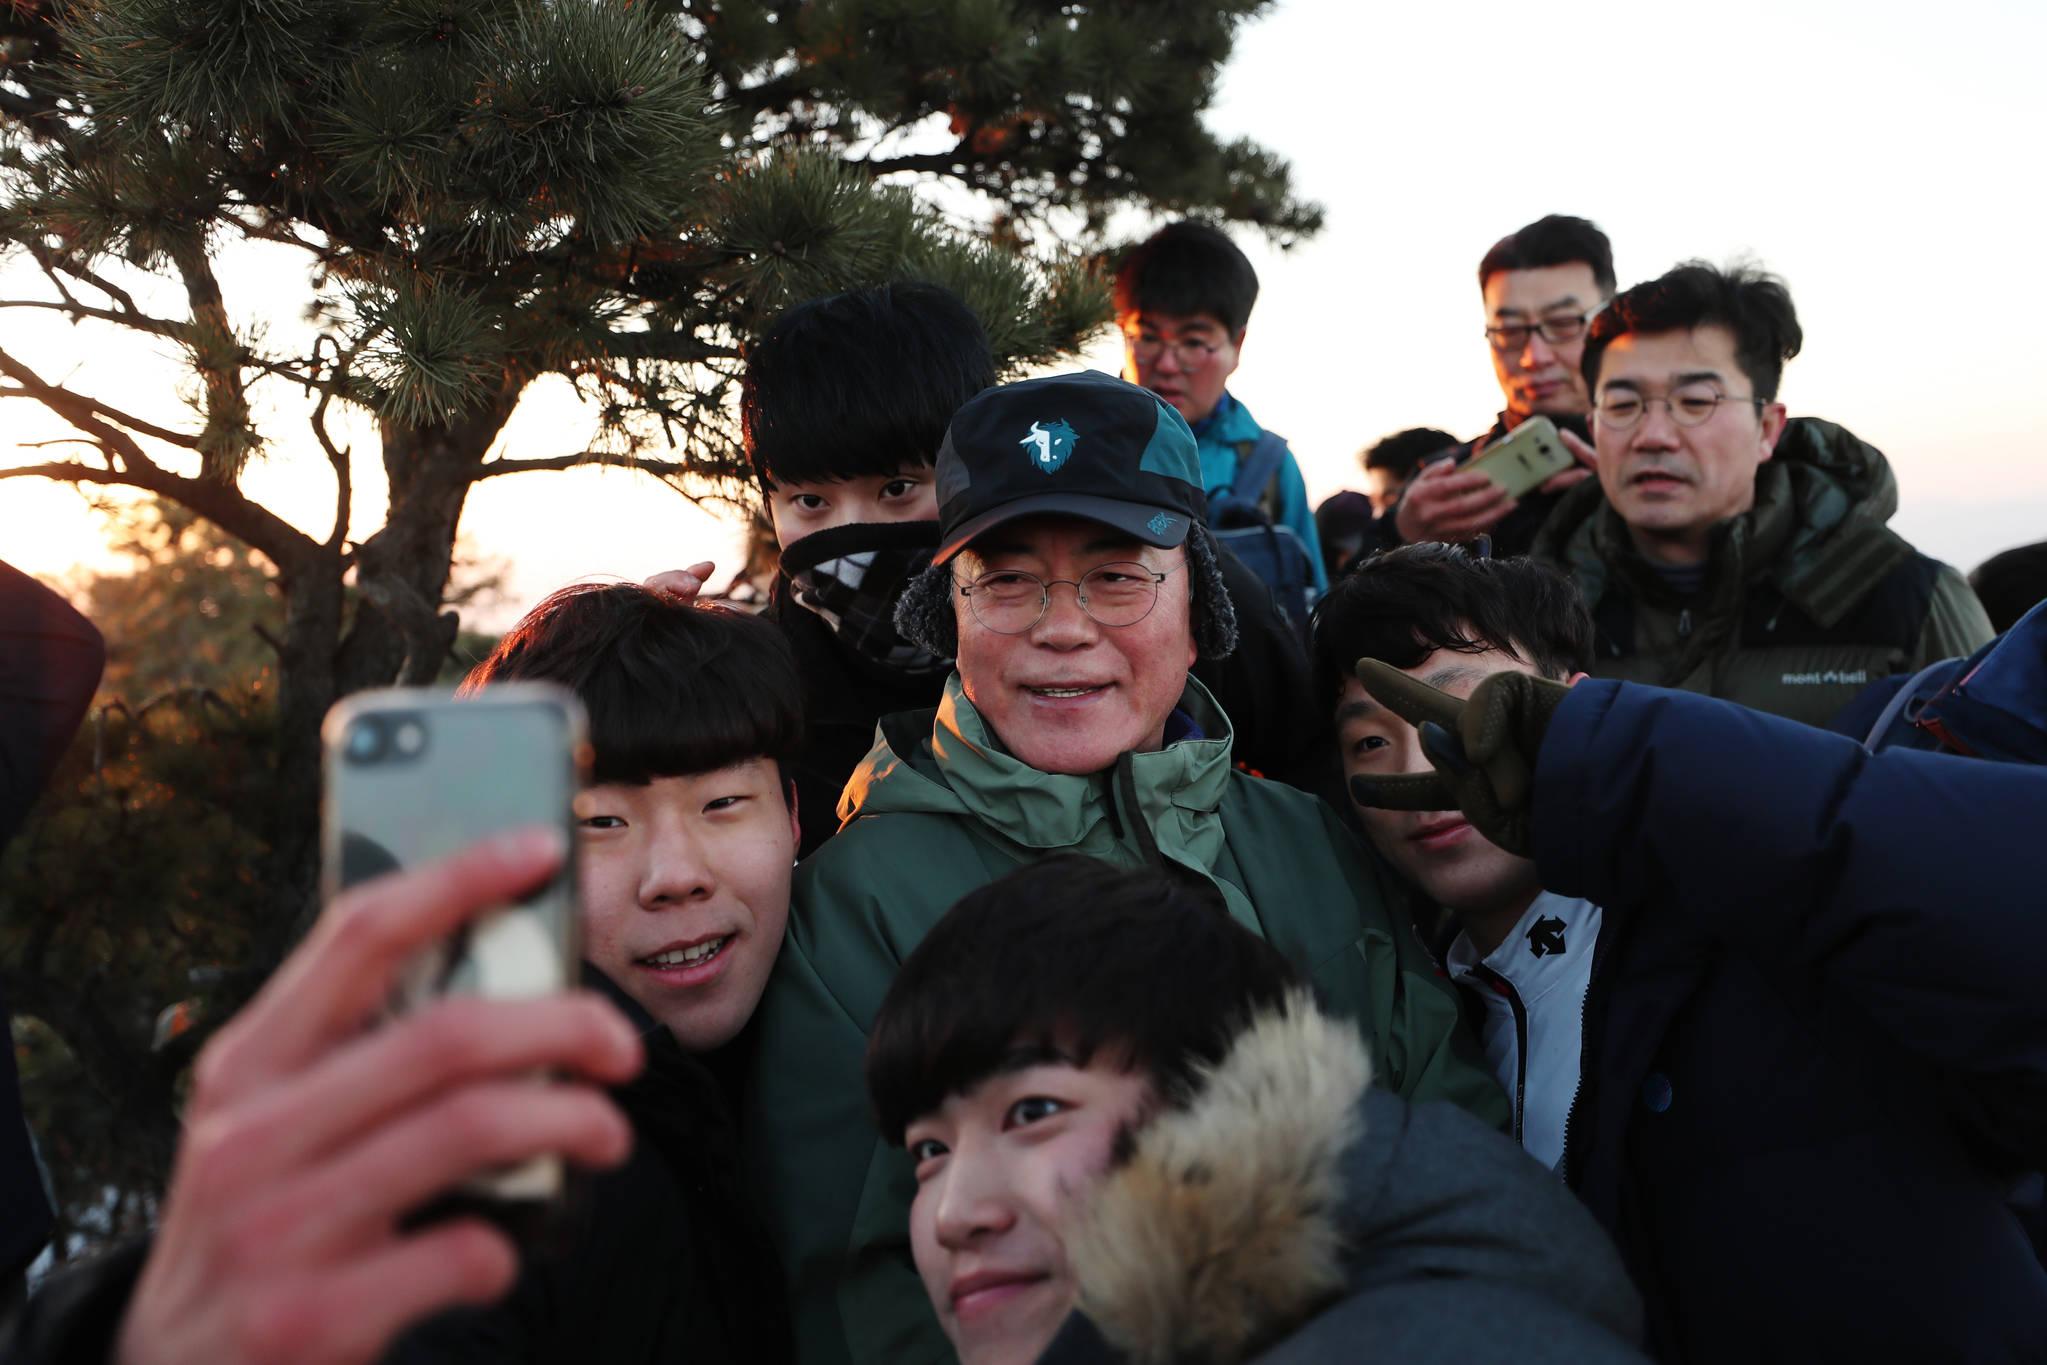 1월 1일 2017년을 빛낸 의인 6명과 북한산 산행에 나선 문재인대통령이 사모바위에서 새해 첫 일출을 배경으로 기념촬영을 하고 있다. [사진 청와대]